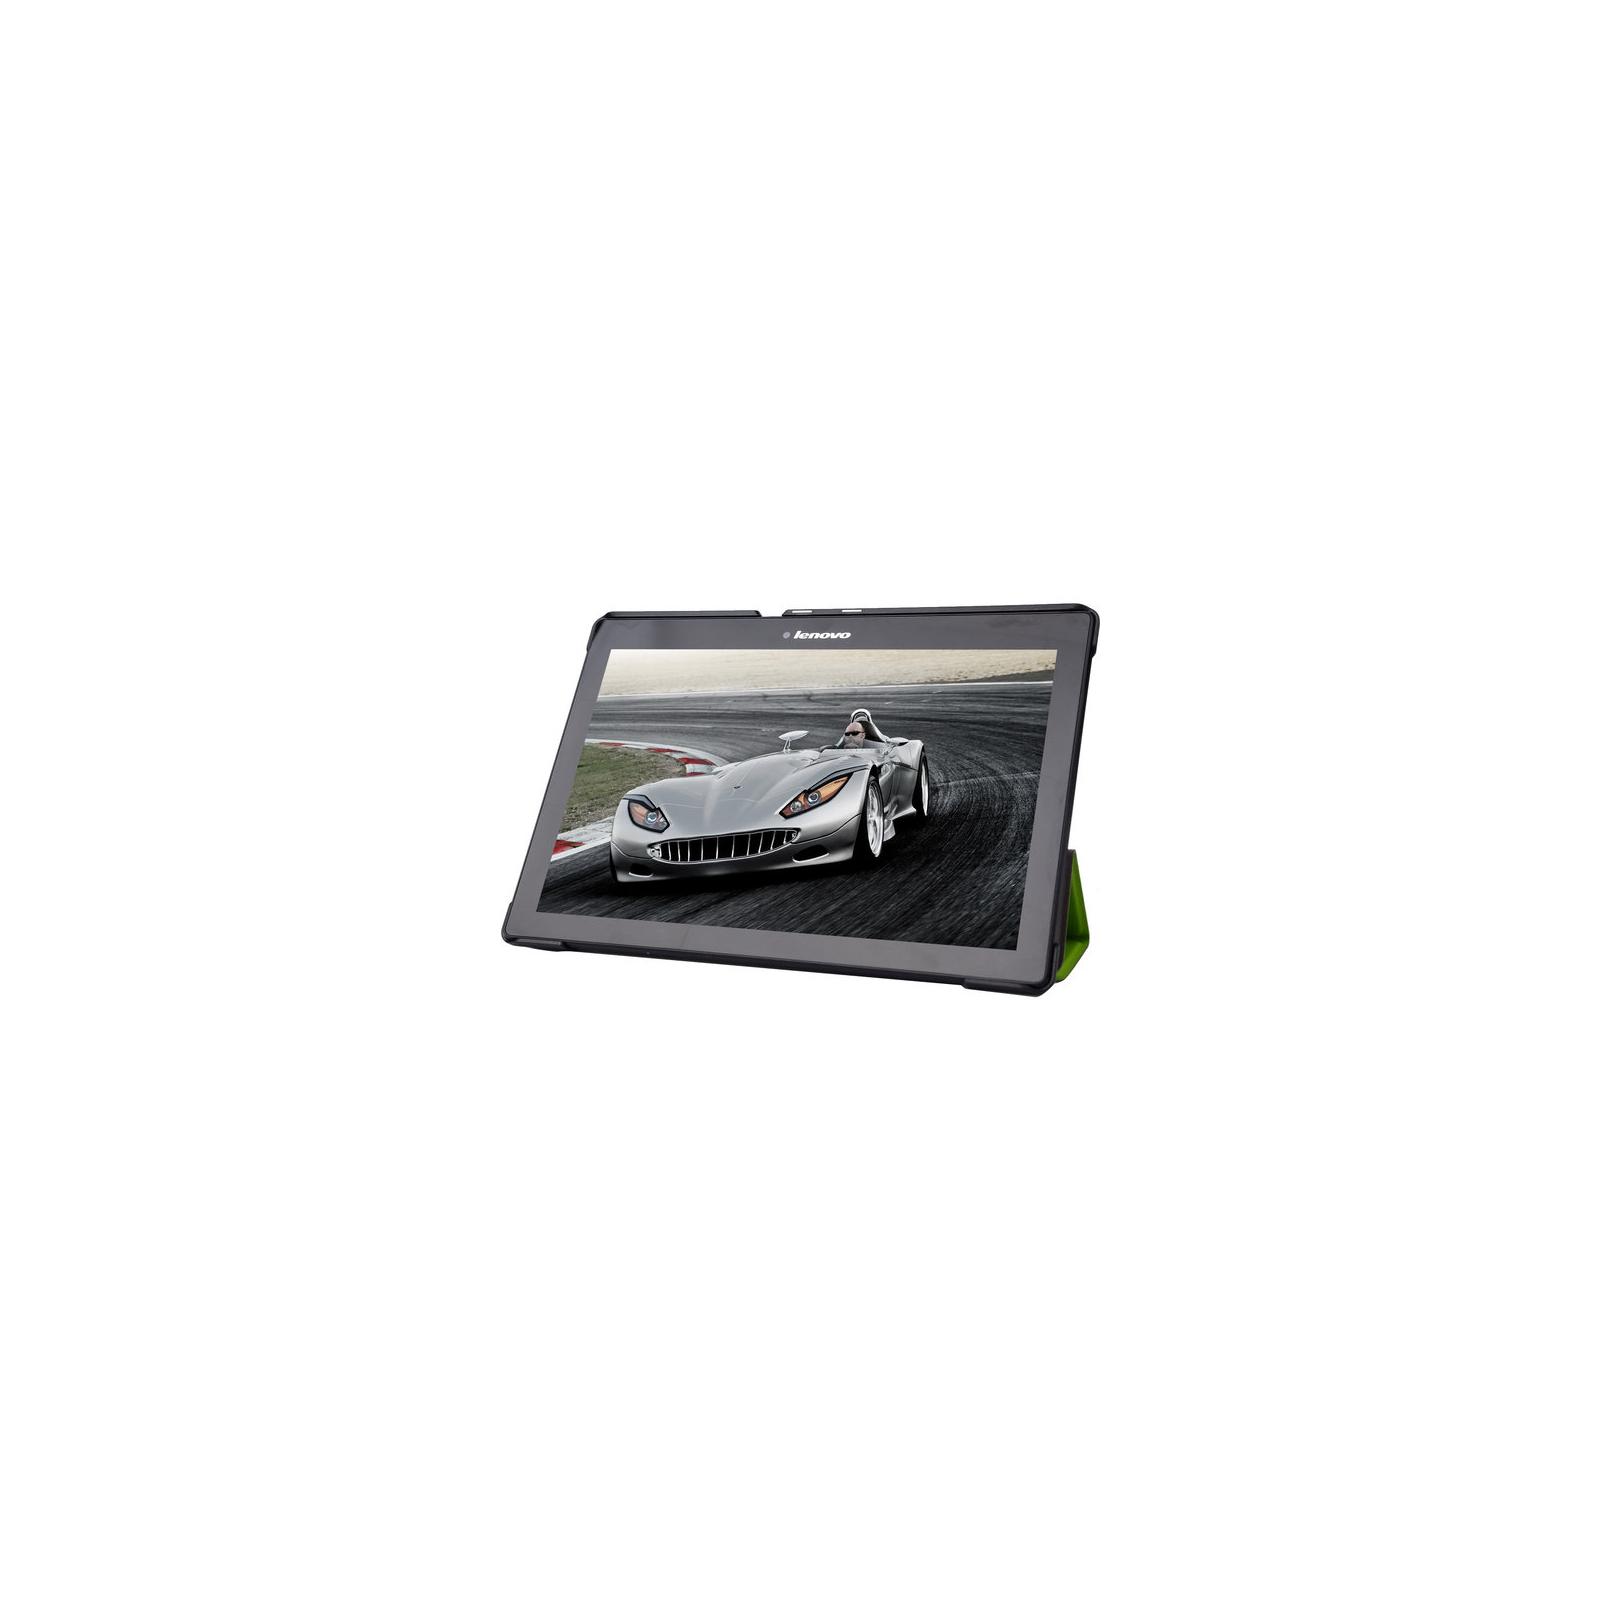 Чехол для планшета AirOn для Lenovo Tab 2 A10 green (4822352770013) изображение 3